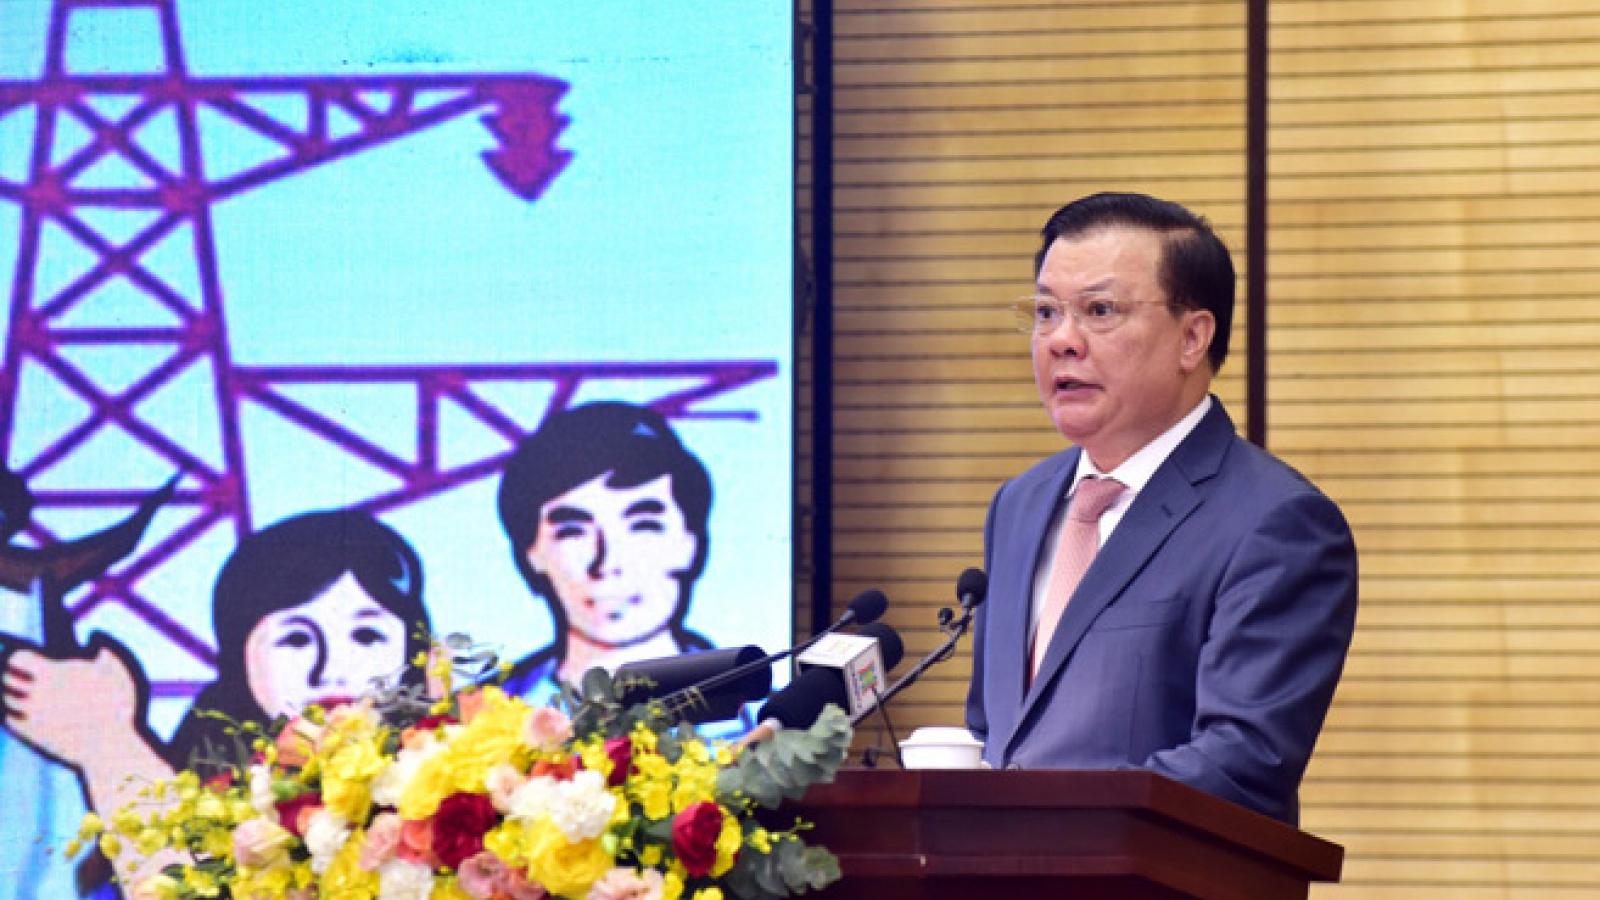 Bí thư Thành ủy Hà Nội: Khắc phục triệt để bệnh hình thức, qua loa, đại khái